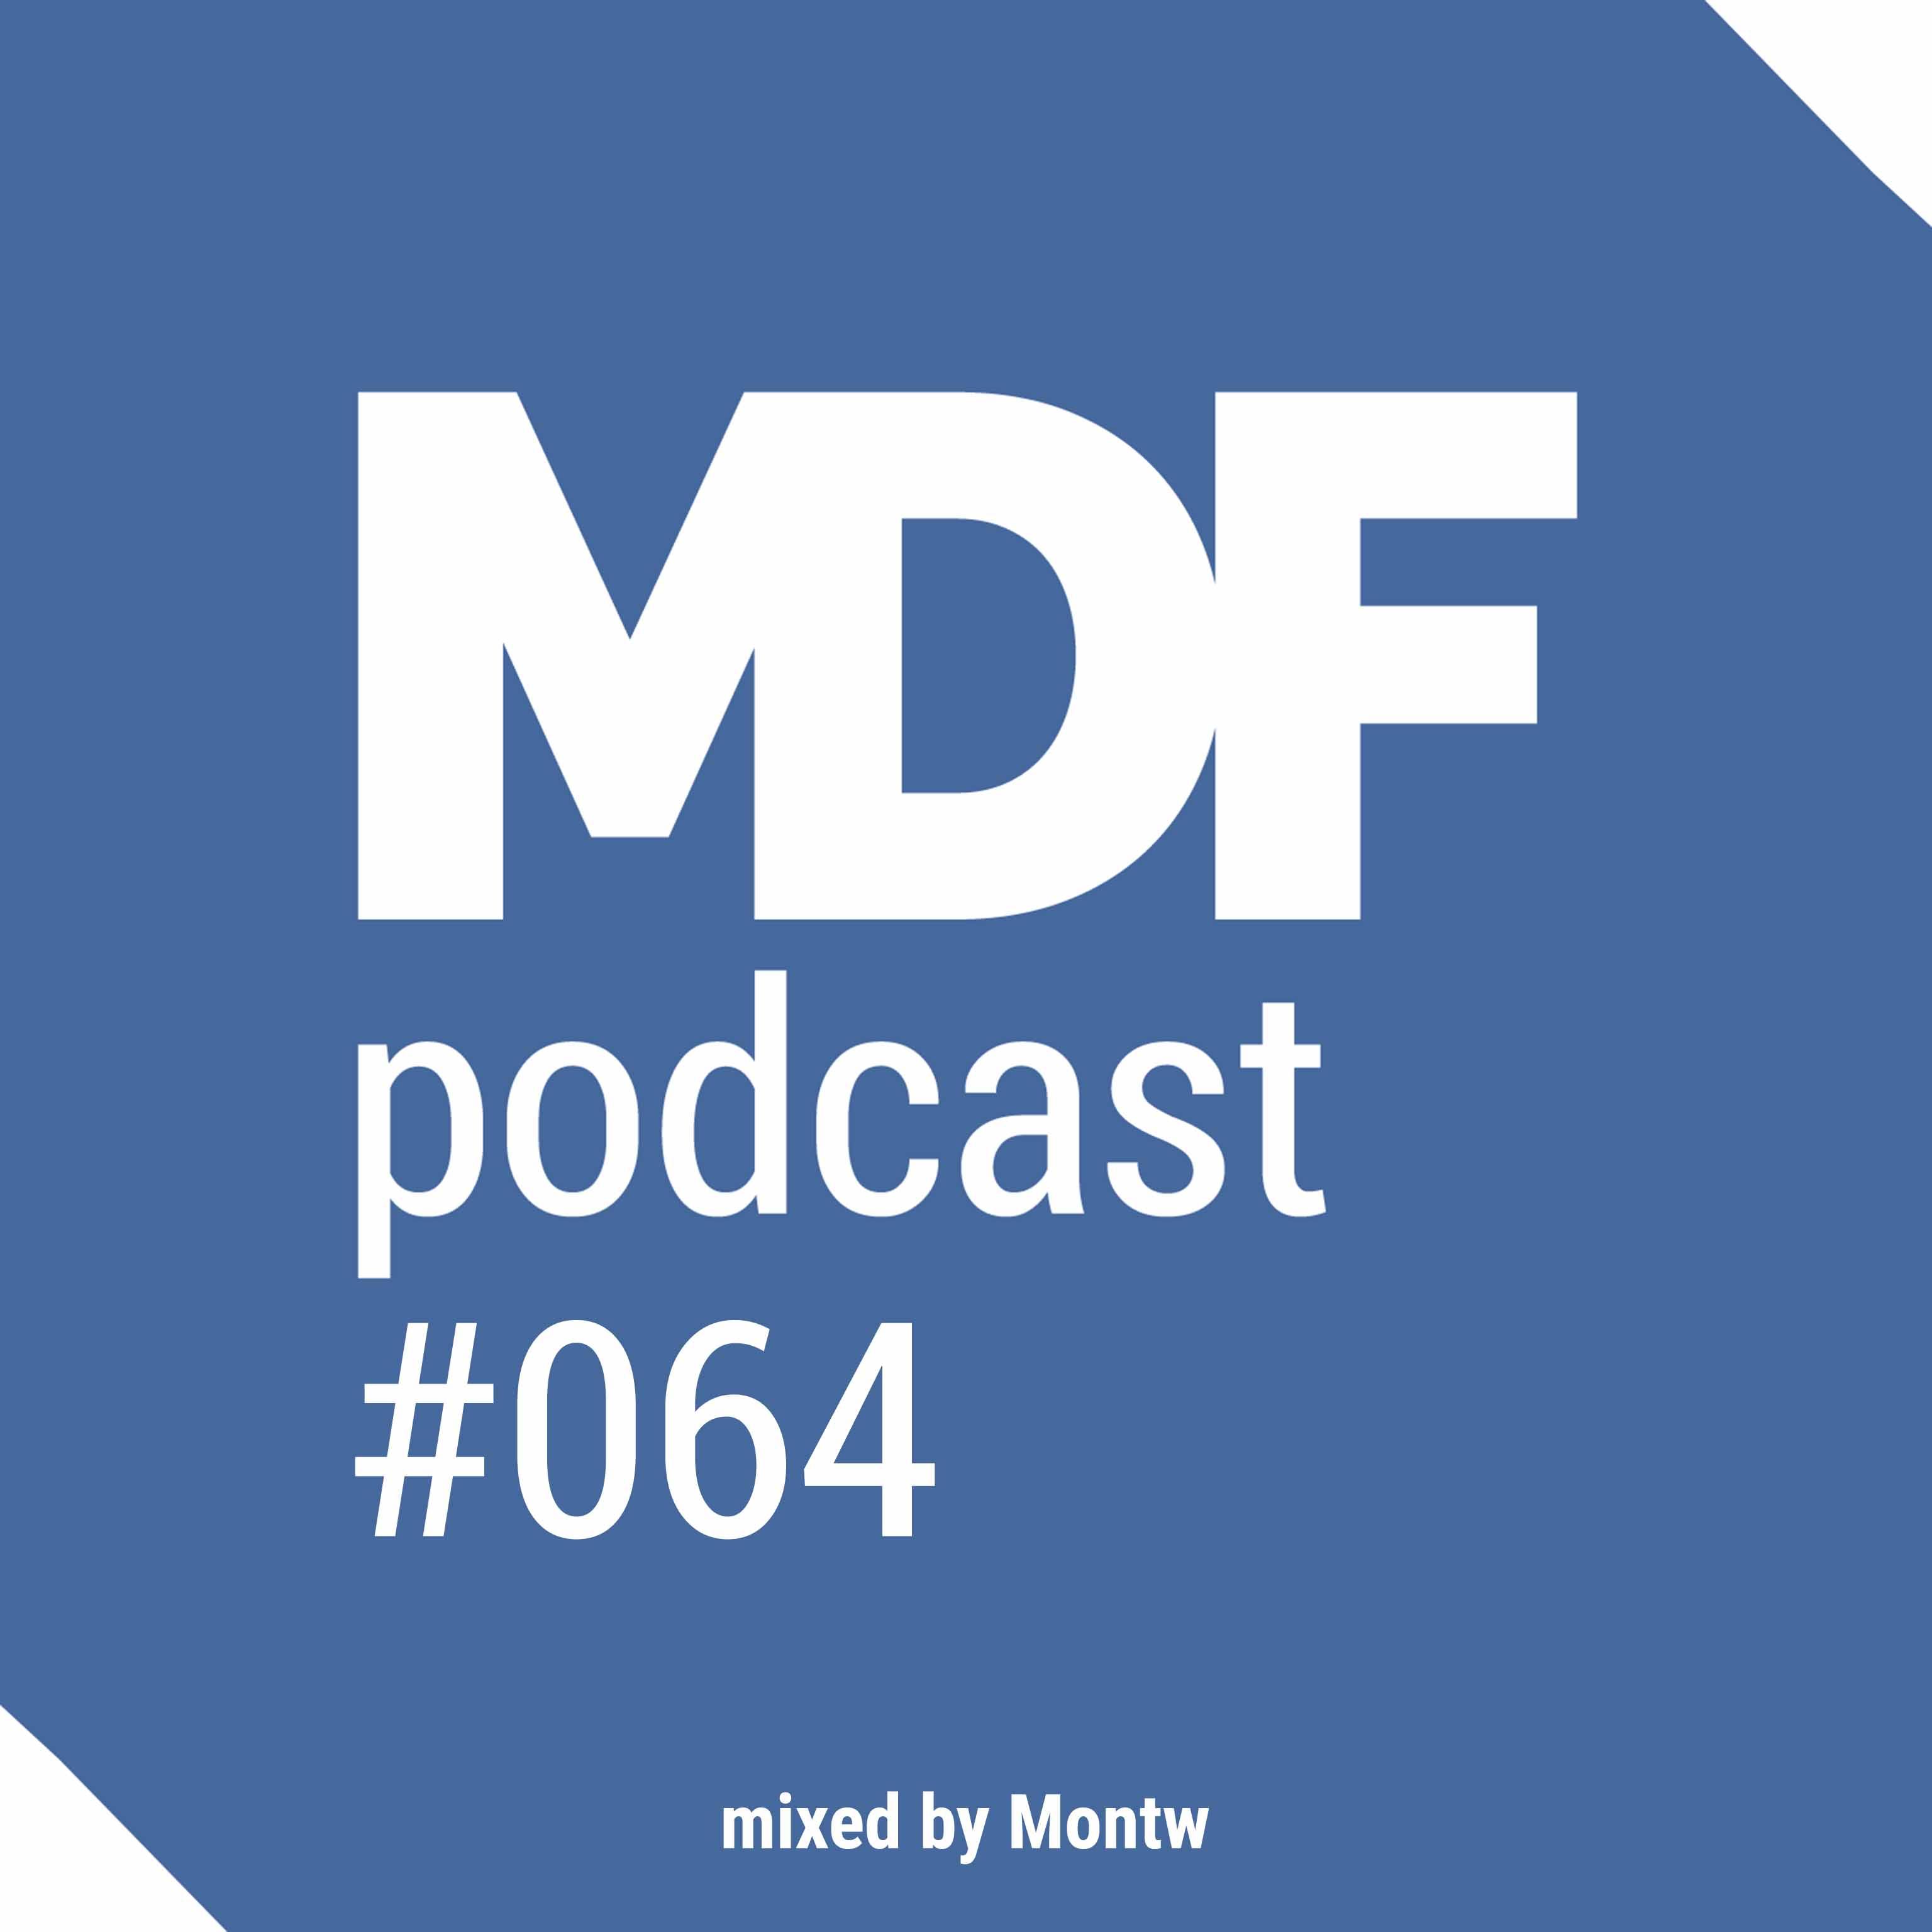 MDF Podcast o64